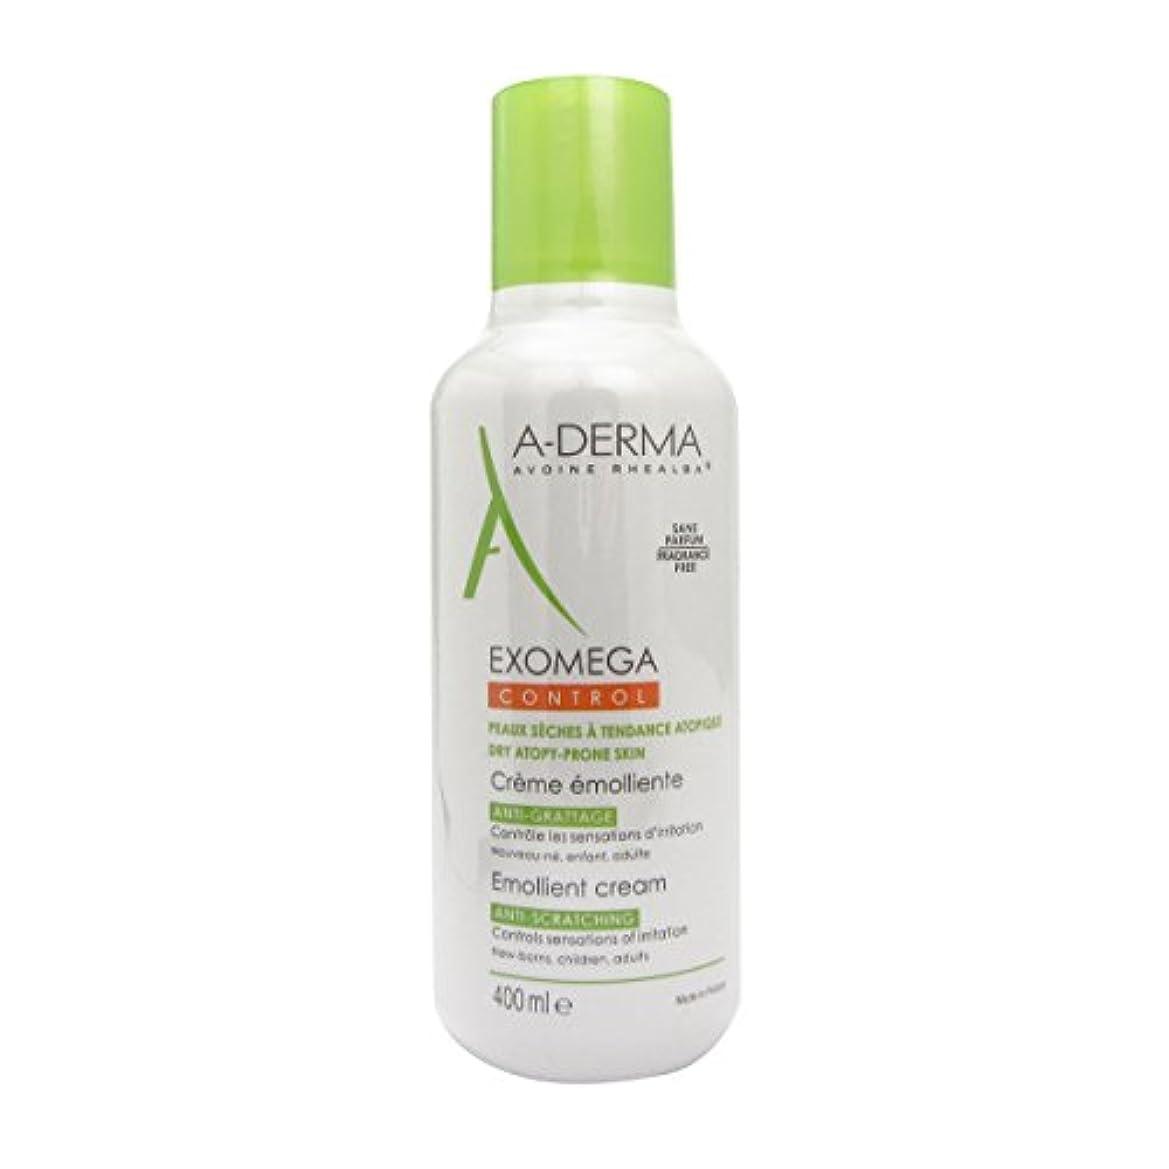 ストライド記述する熟練したA-derma Exomega Control Emollient Cream 400ml [並行輸入品]